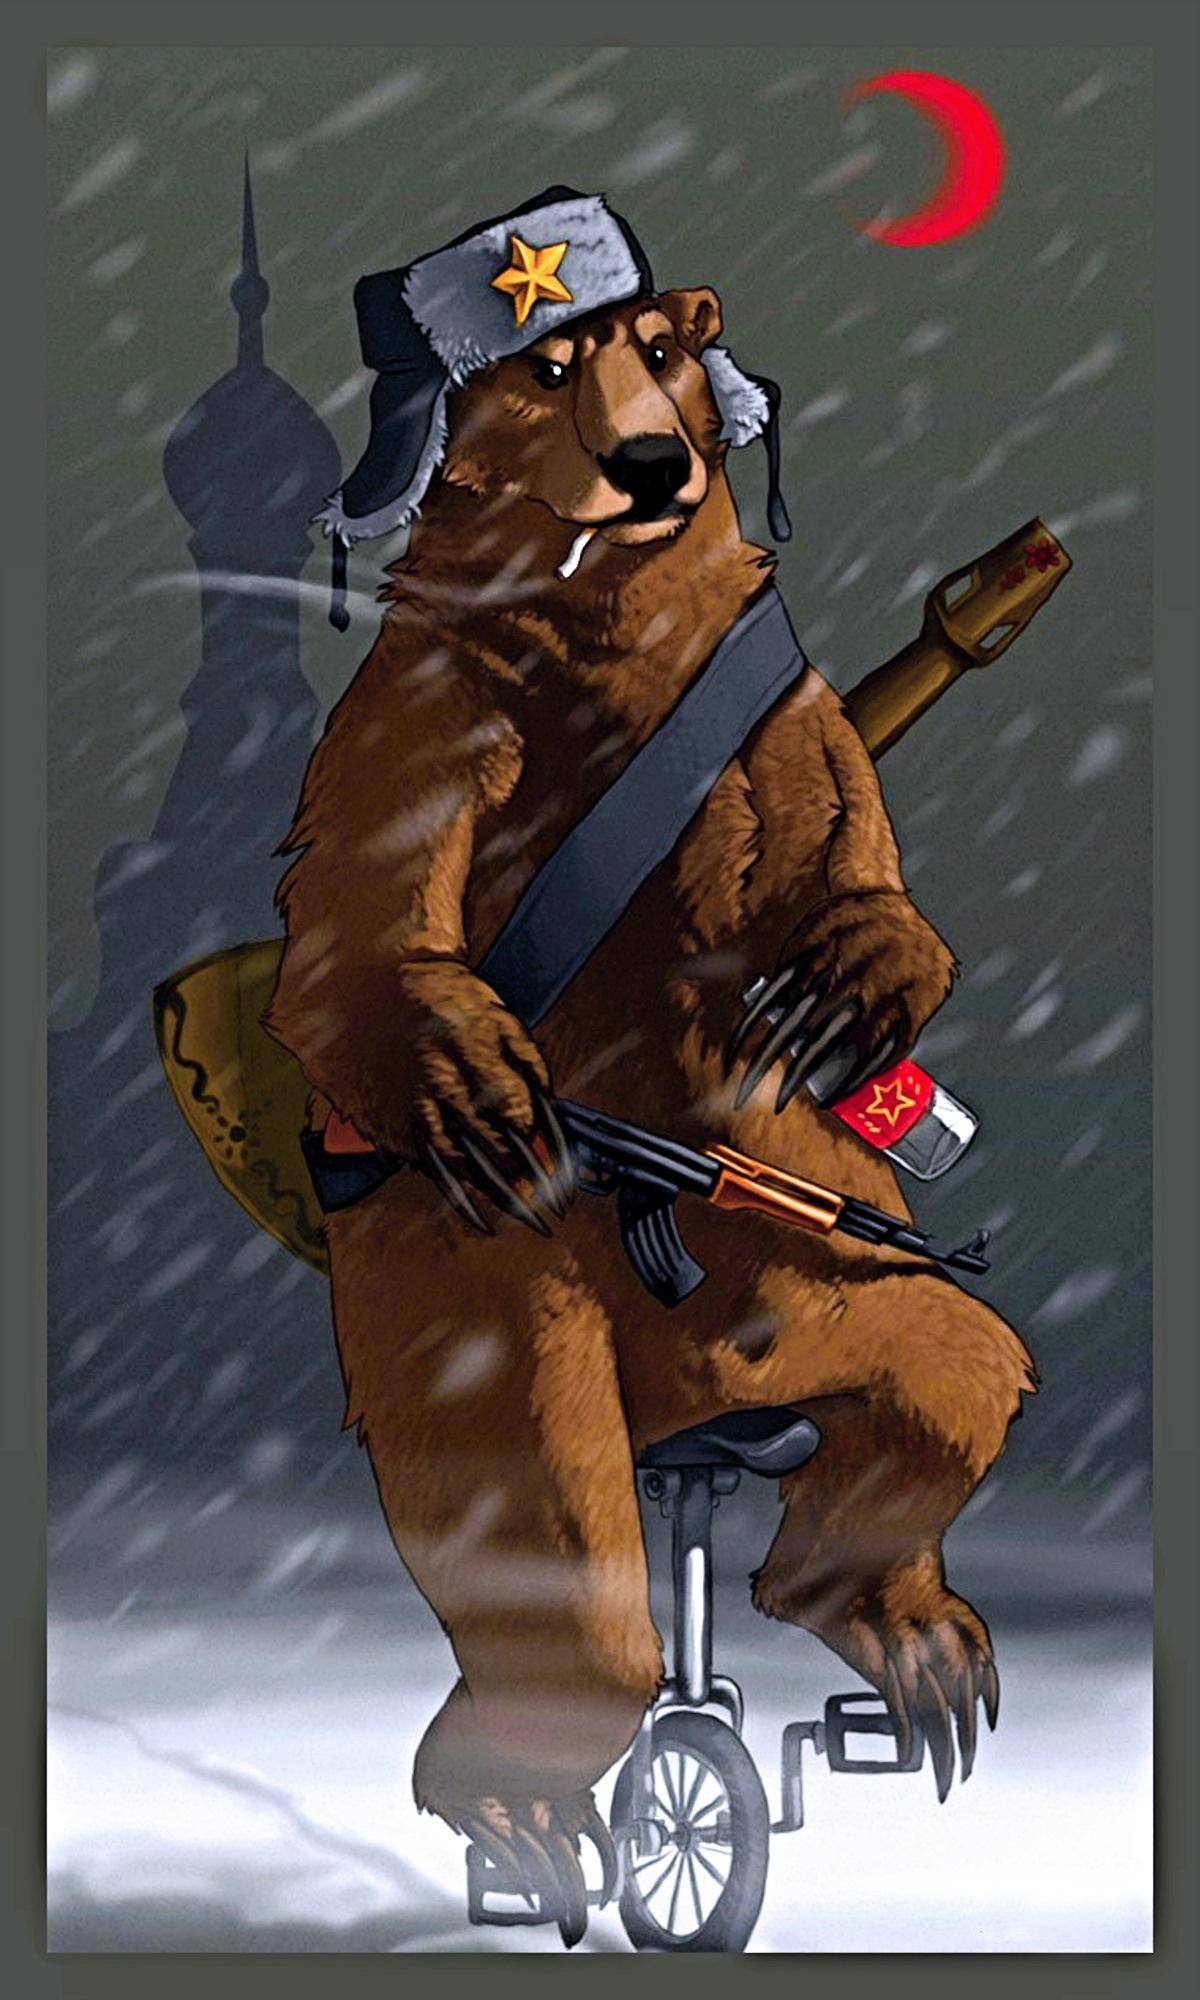 русский медведь фото с флагом россии